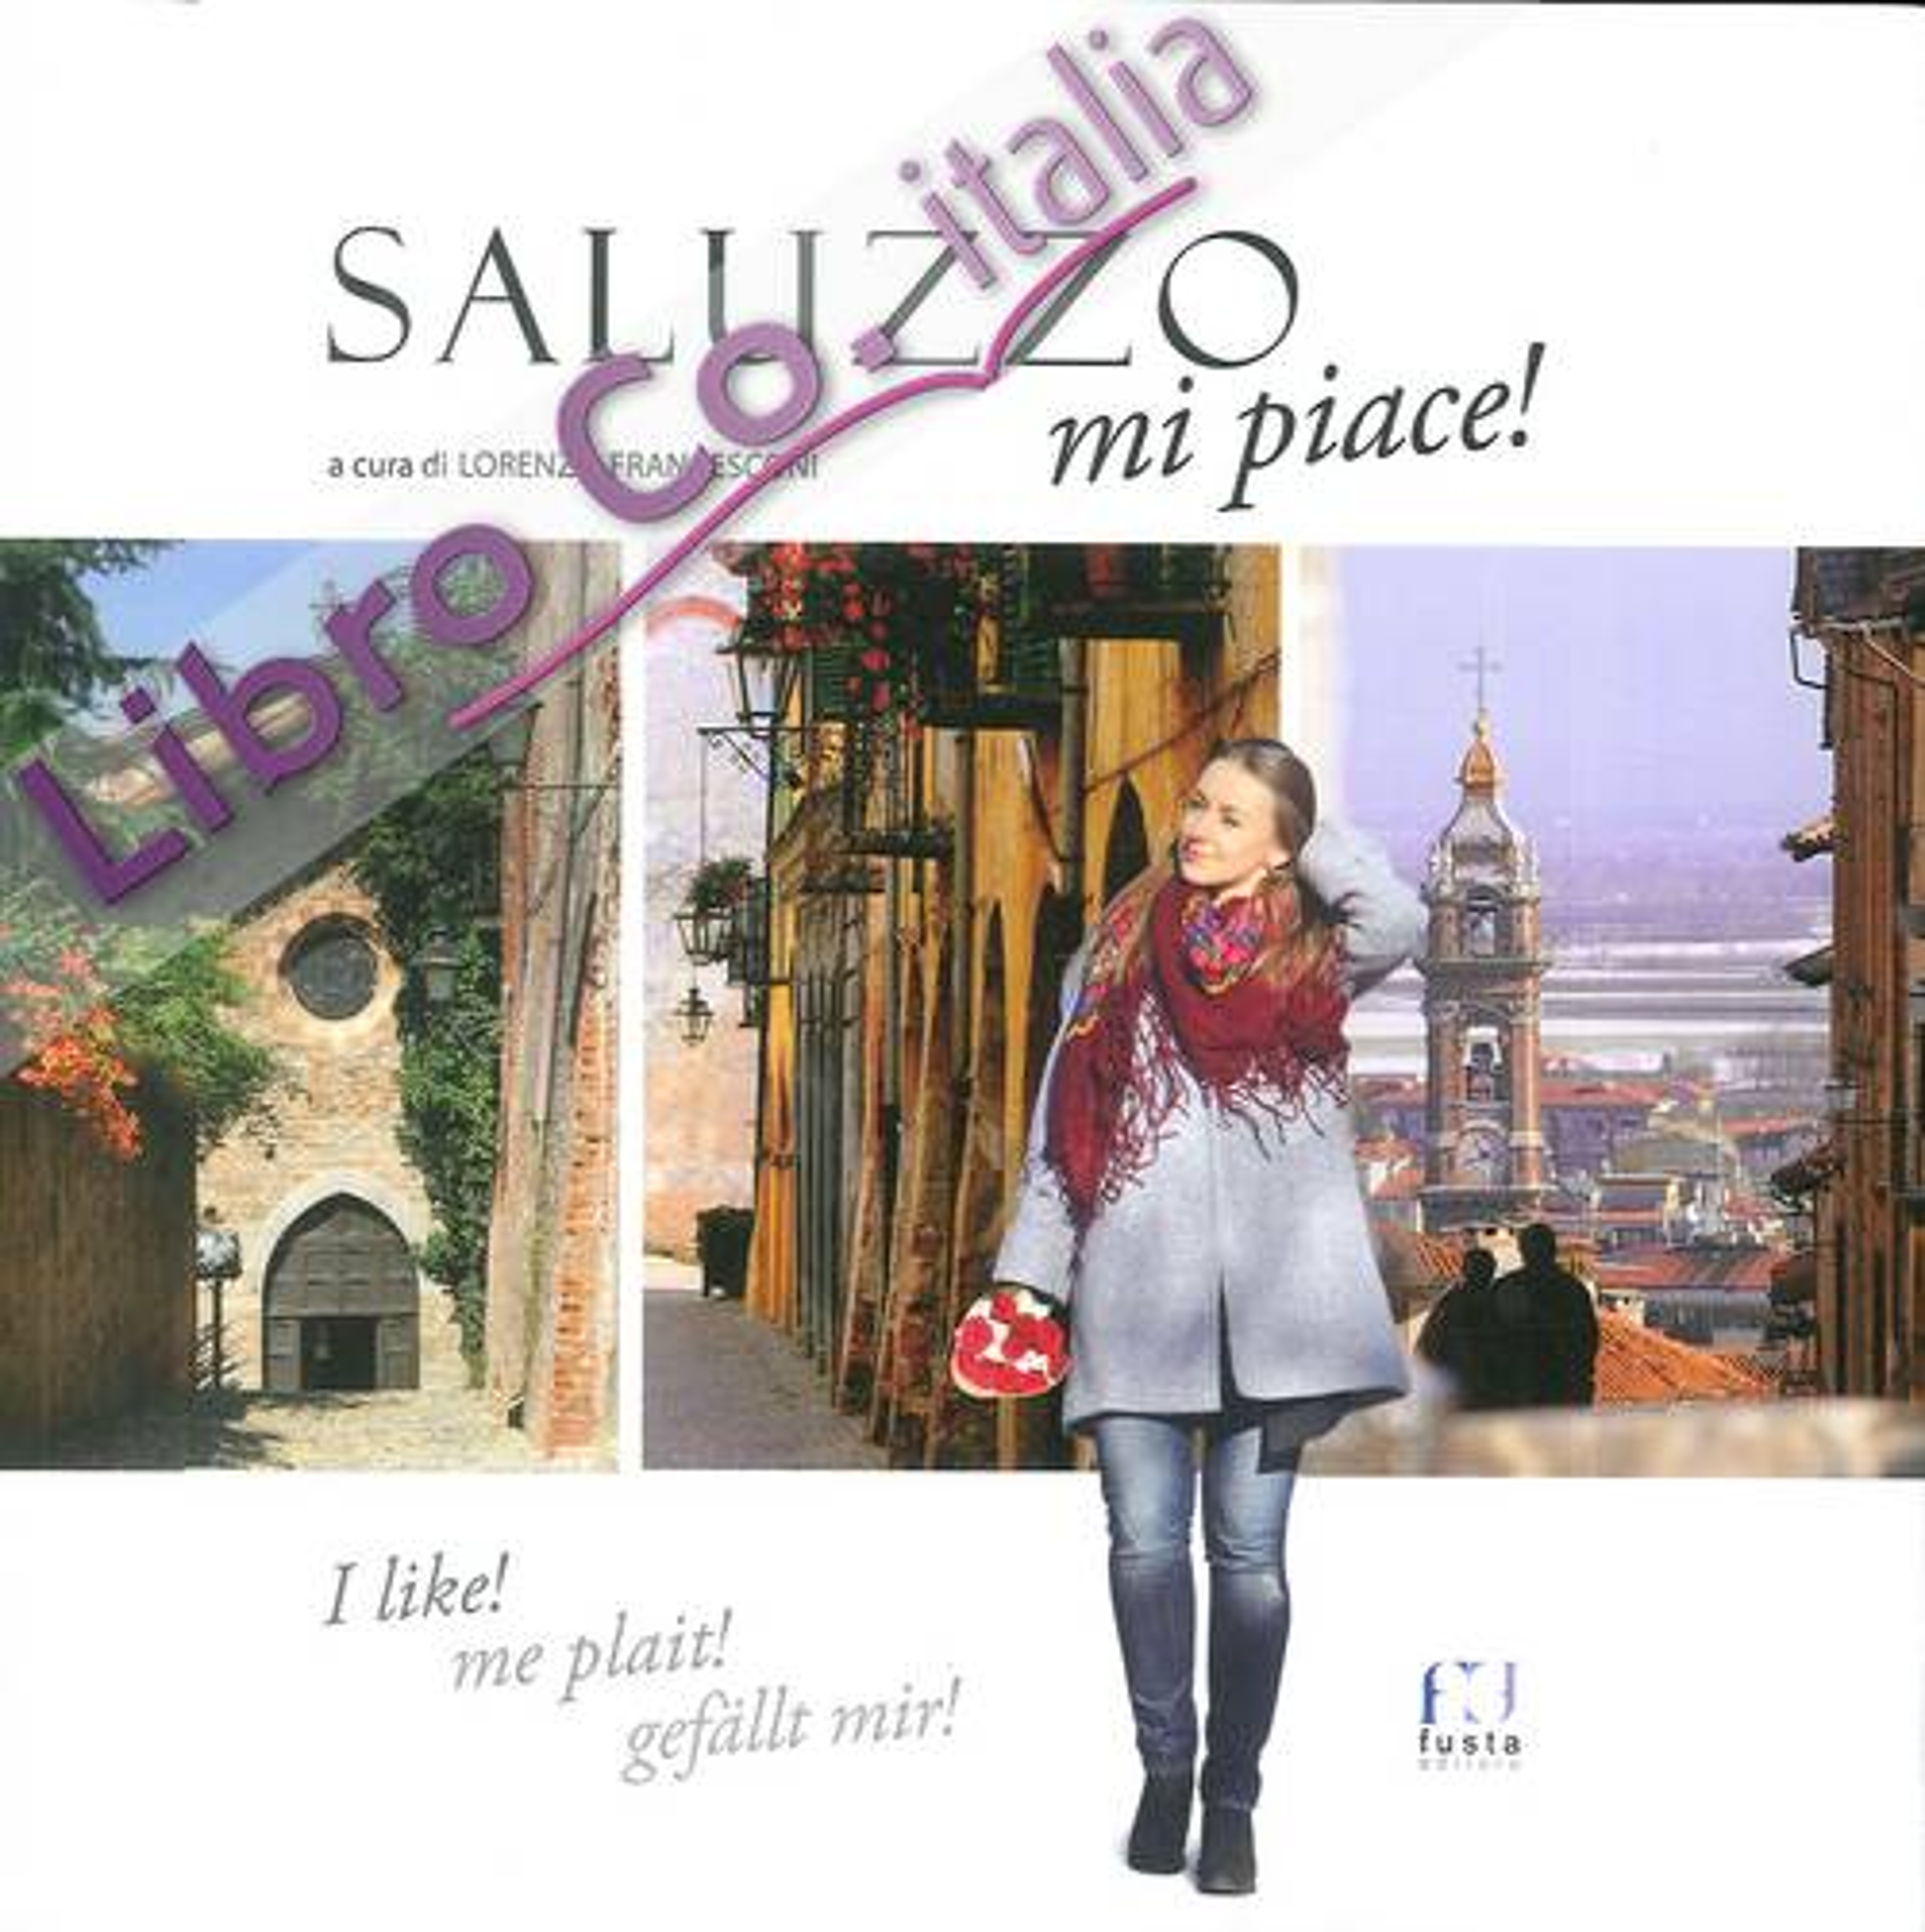 Saluzzo Mi Piace! I like! Me plait! Gefallt mir!